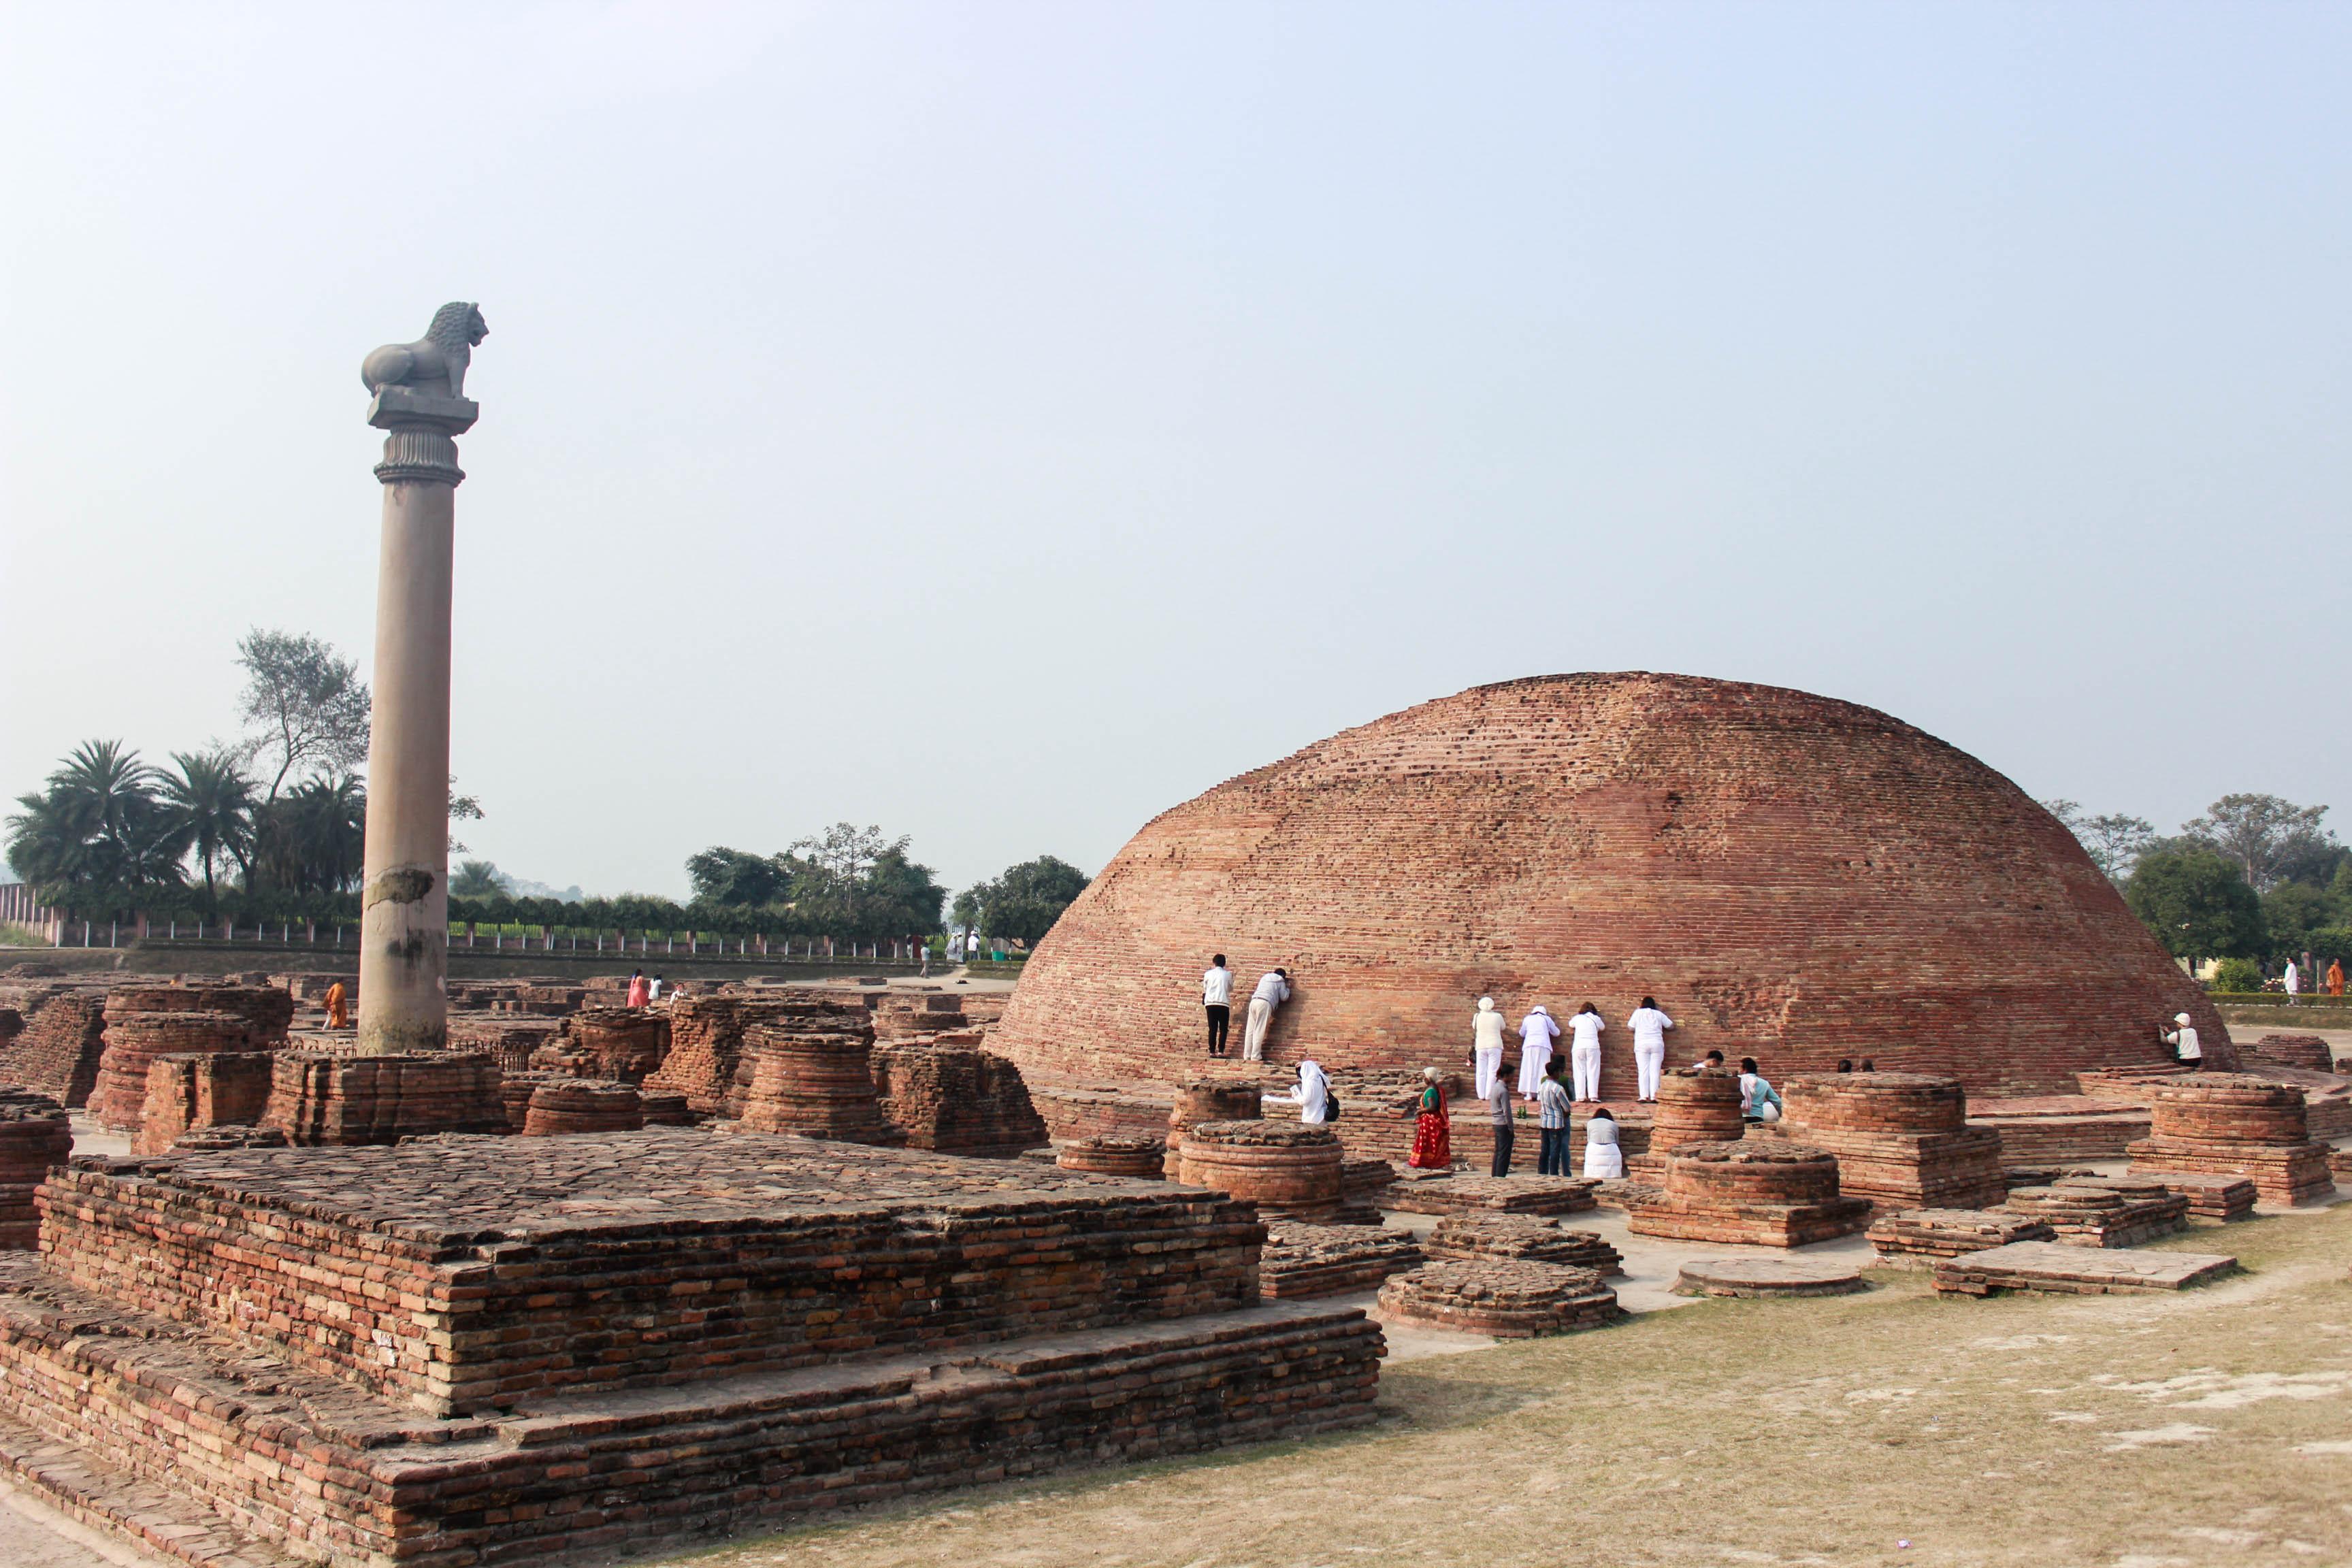 बिहार का वैशाली दुनिया के सबसे पुराने गणराज्यों में से एक था